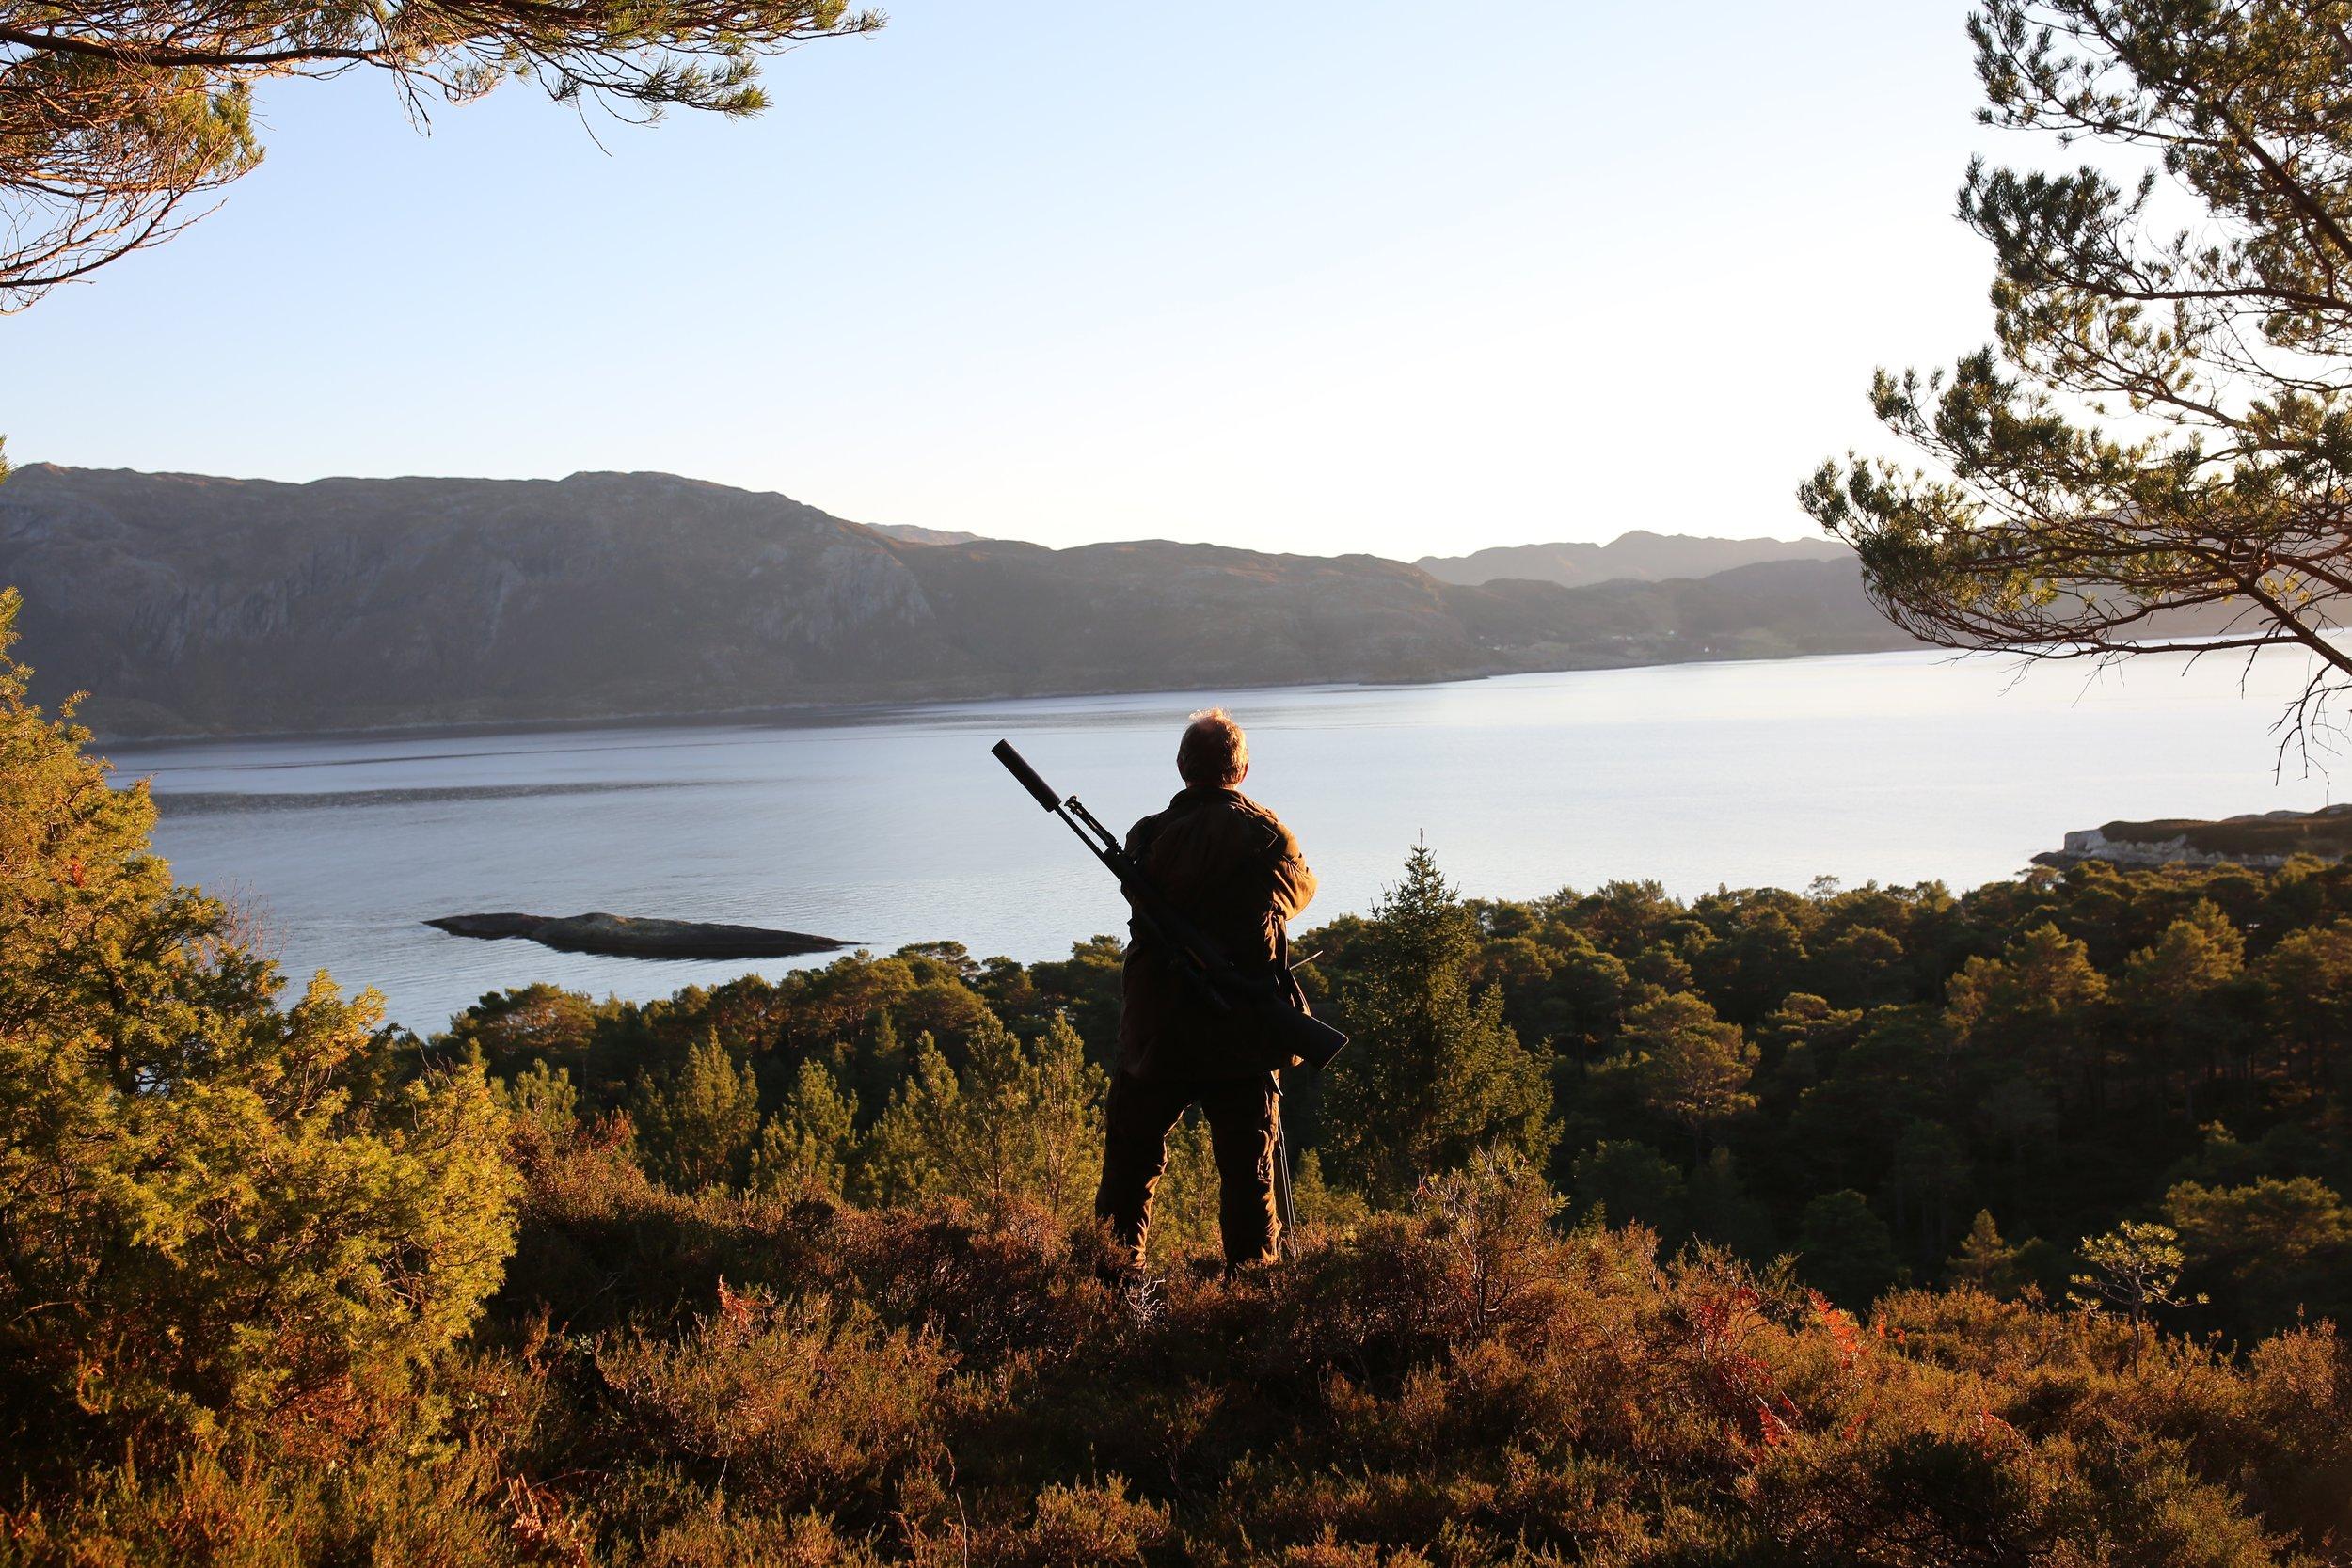 Hjortelandet - Svanøy må være et av de vakreste stedene å felle sin første hjort